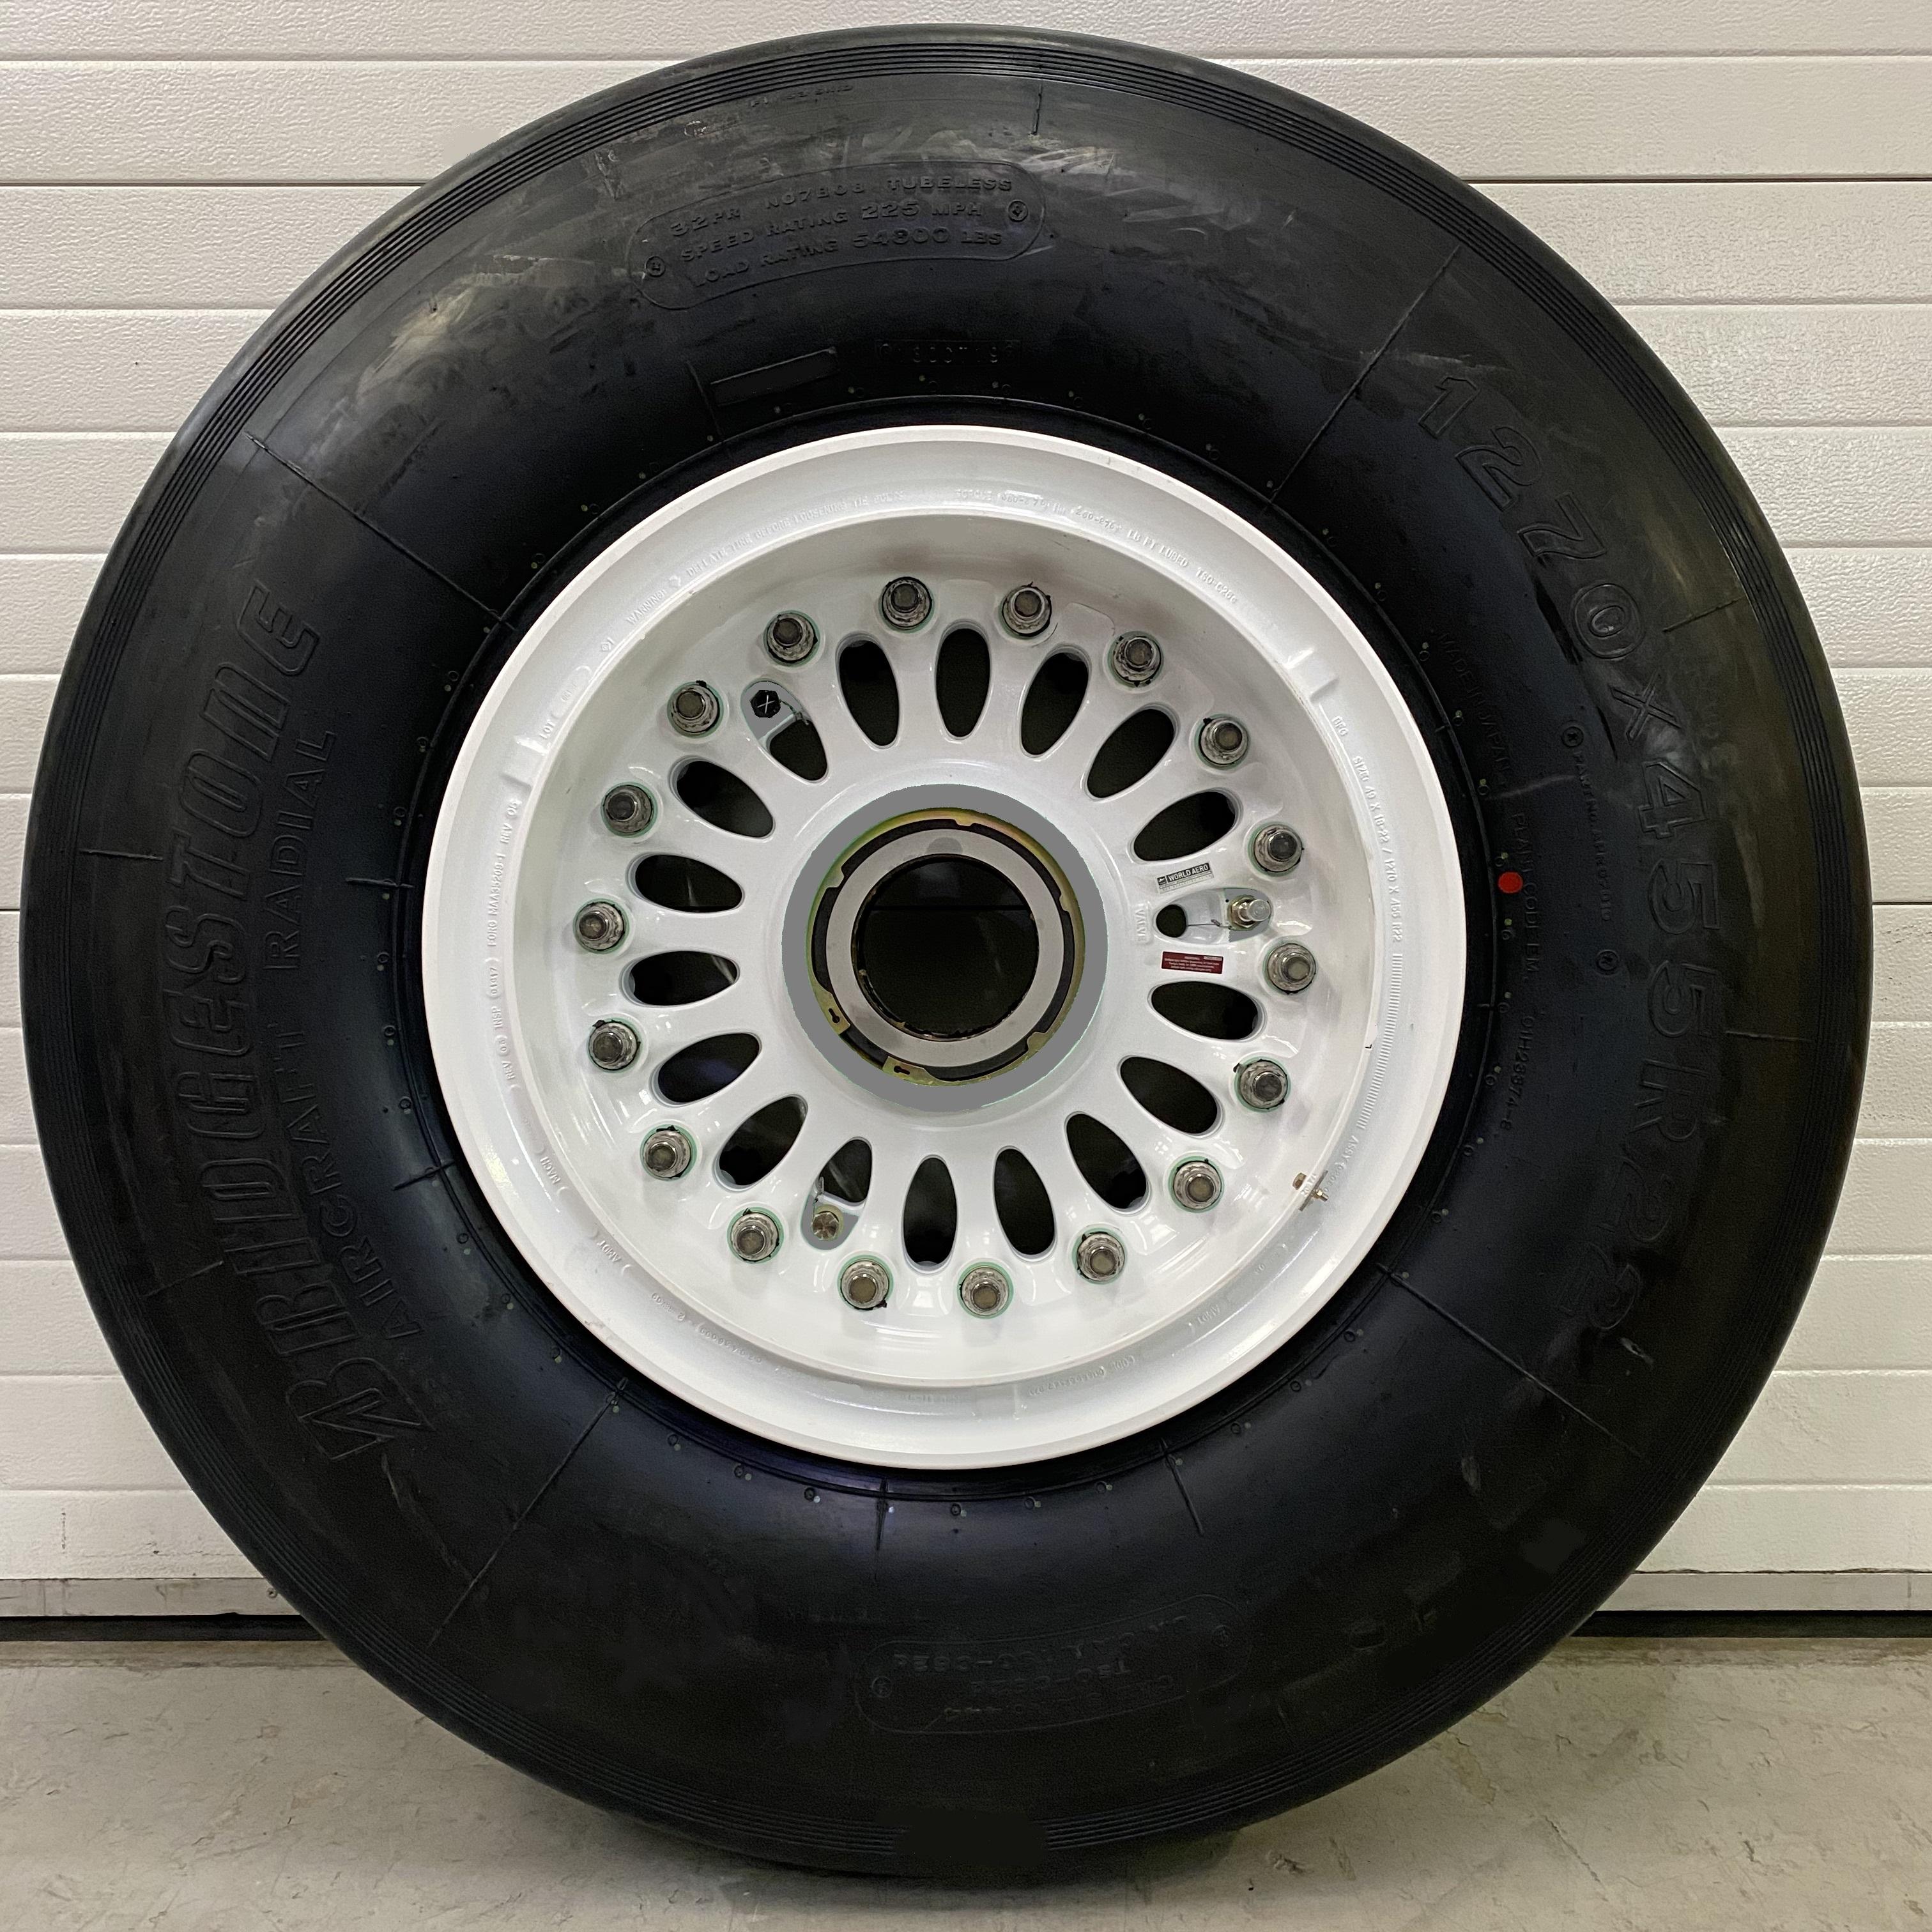 C20500000 A321 main wheel